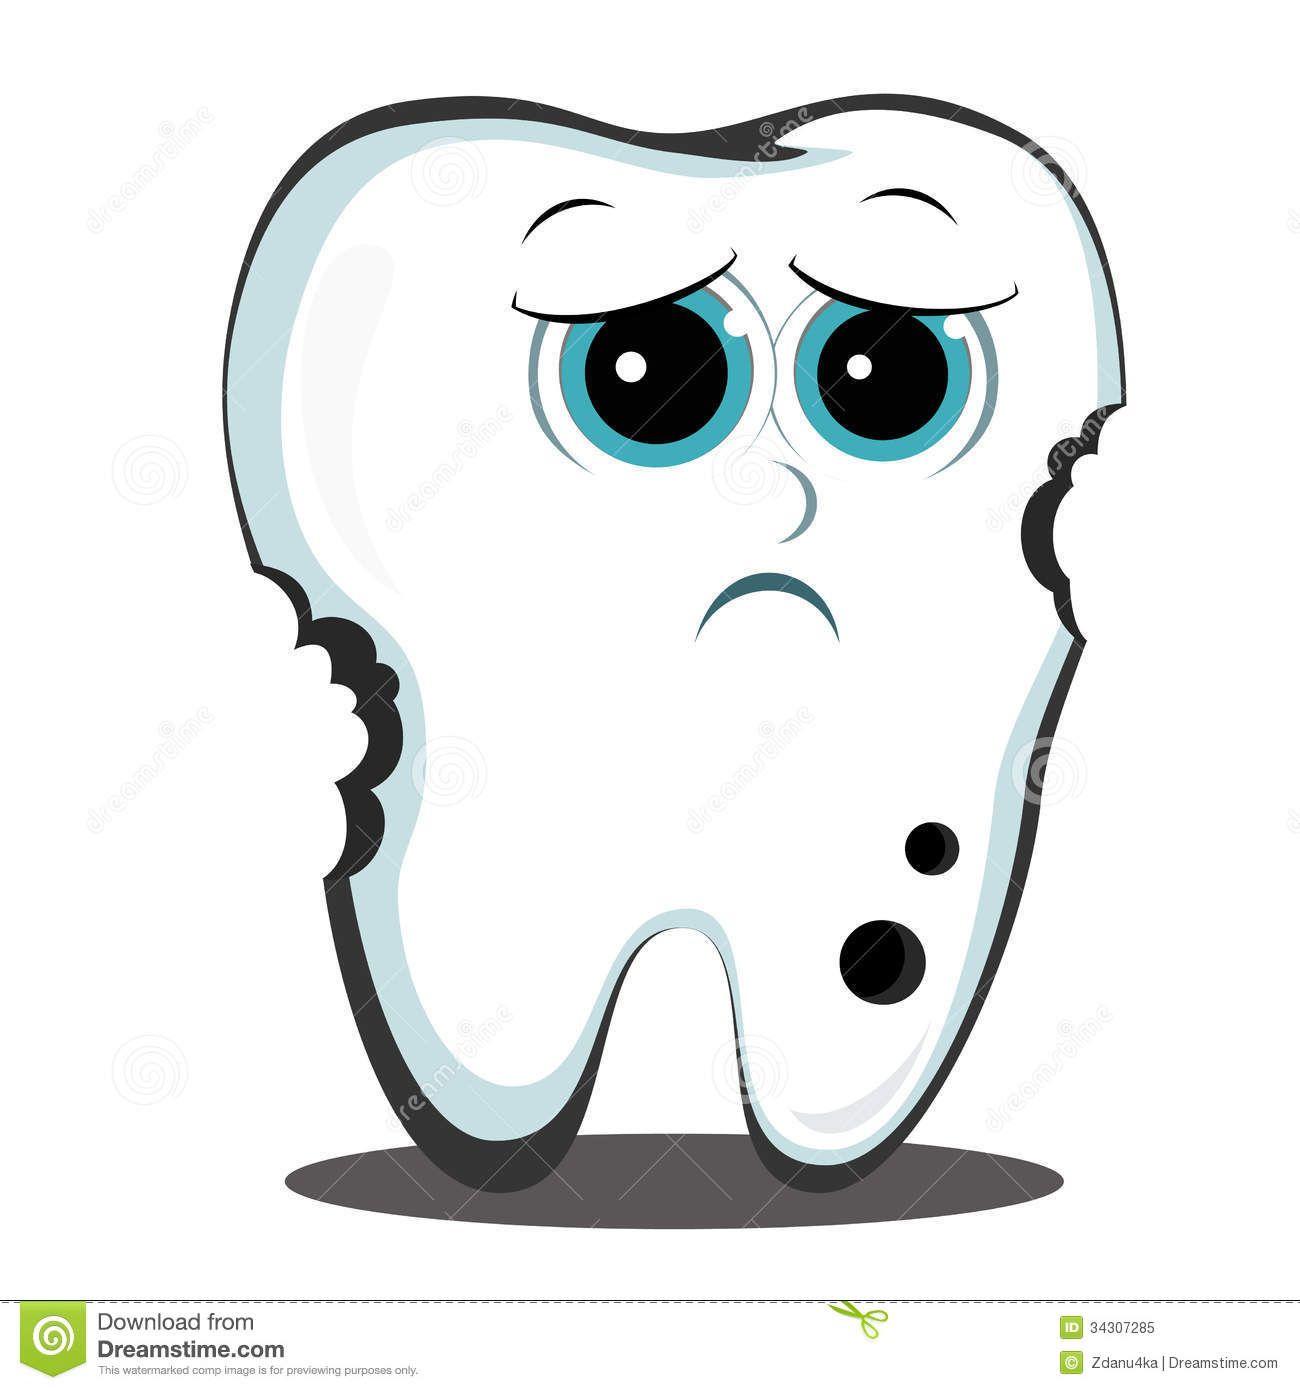 Cartoon Tooth Dental Cavity Stock Images